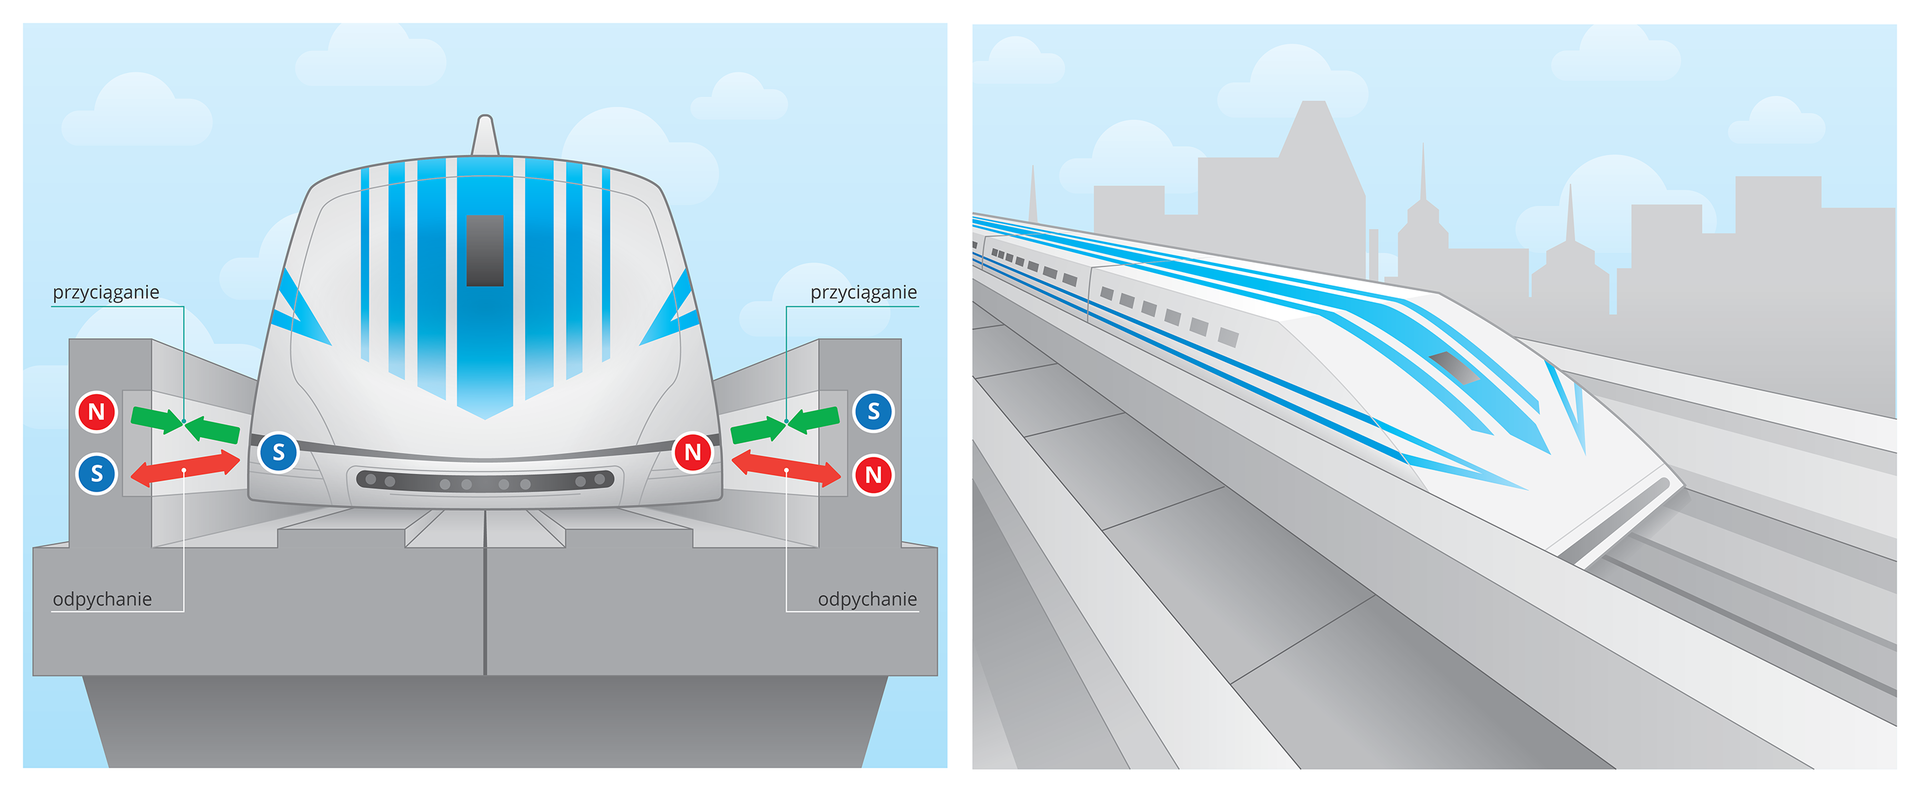 Ilustracje przedstawiają mechanizm tworzenia poduszki magnetycznej, po której sunie pociąg magnetyczny. Na ilustracji po lewej stronie, pokazano sposób umieszczenia magnesów po bokach pociągu znajdującego się wspecjalnym tunelu. Górne magnesy umieszczone między brzegiem tuneli, apociągiem są różnoimienne, zatem przyciągają się, utrzymując pociąg wtunelu. Dolne magnesy są jednoimienne, zatem odpychają się, tworząc poduszkę magnetyczną, po której sunie pociąg. Na ilustracji po prawej stronie pokazano zgóry jadący wtunelu pociąg.